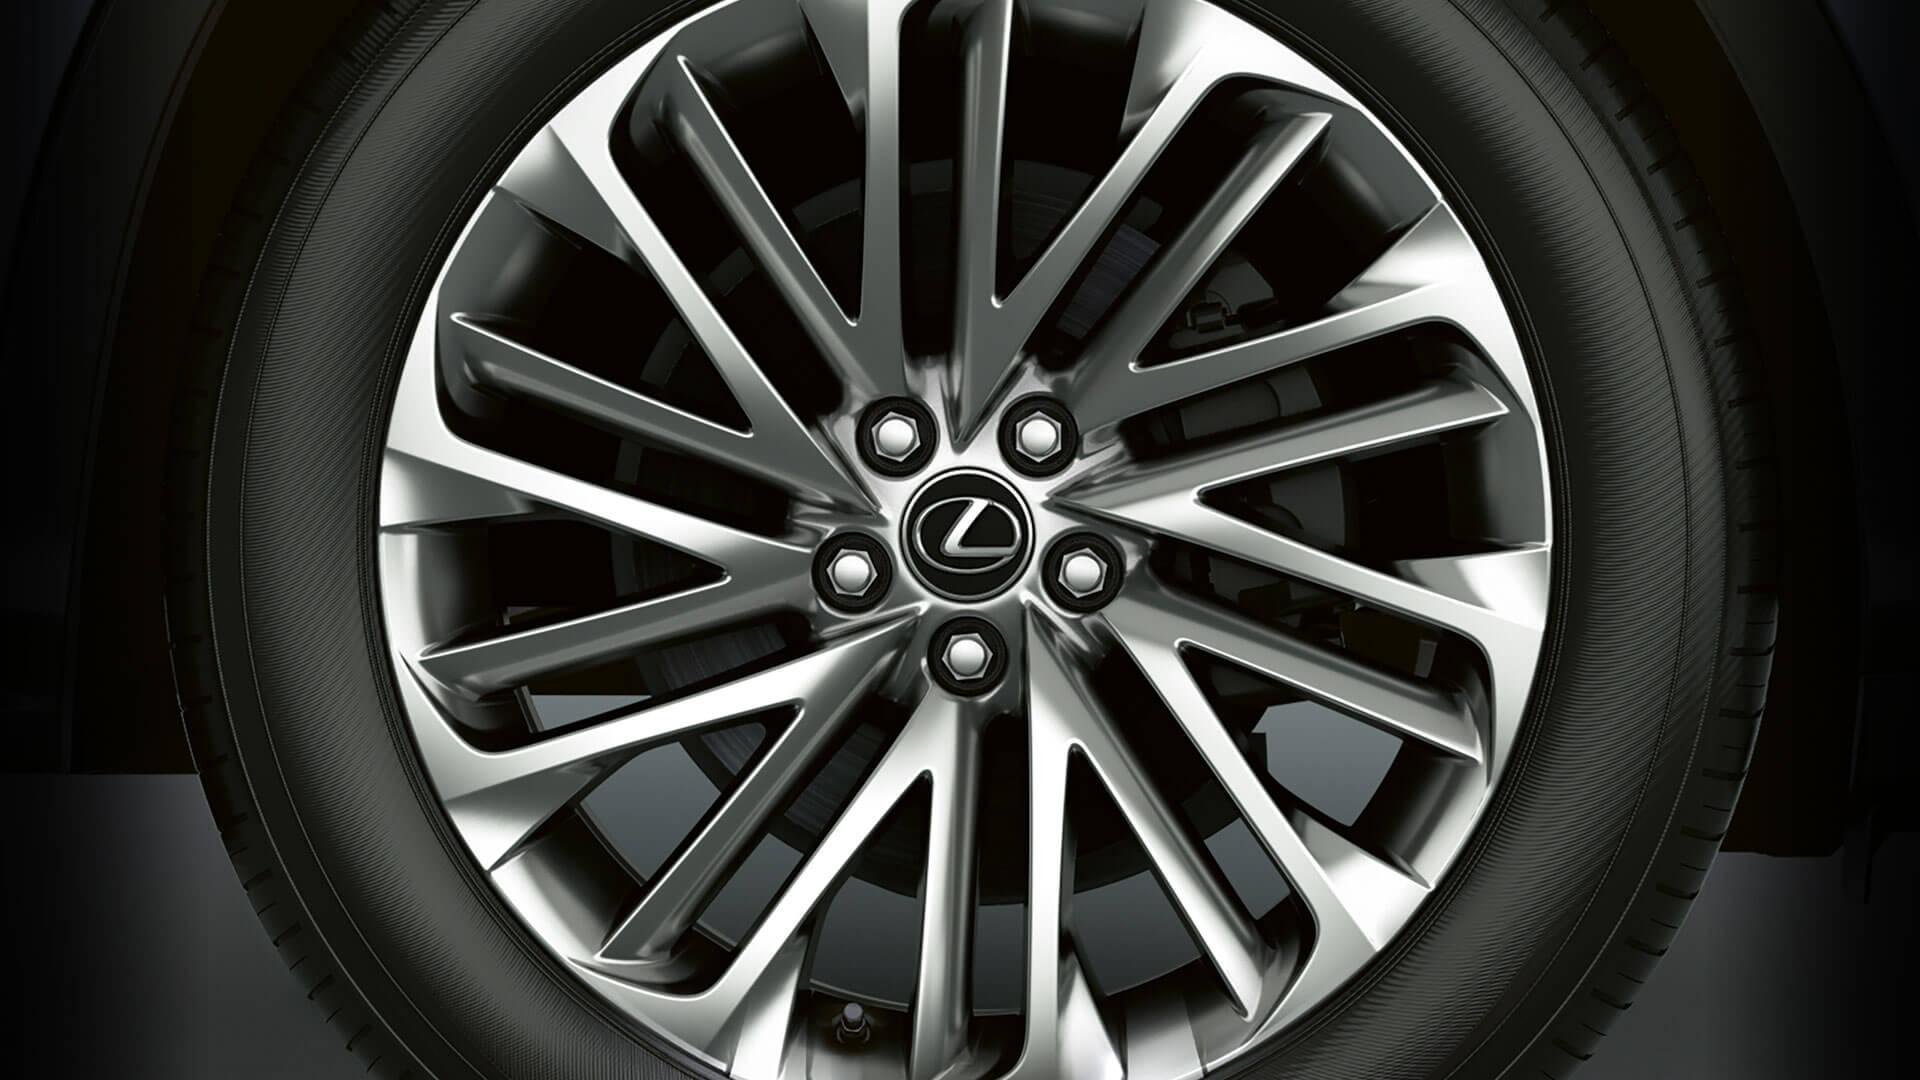 2019 lexus rx hotspot 20 inch alloy wheels